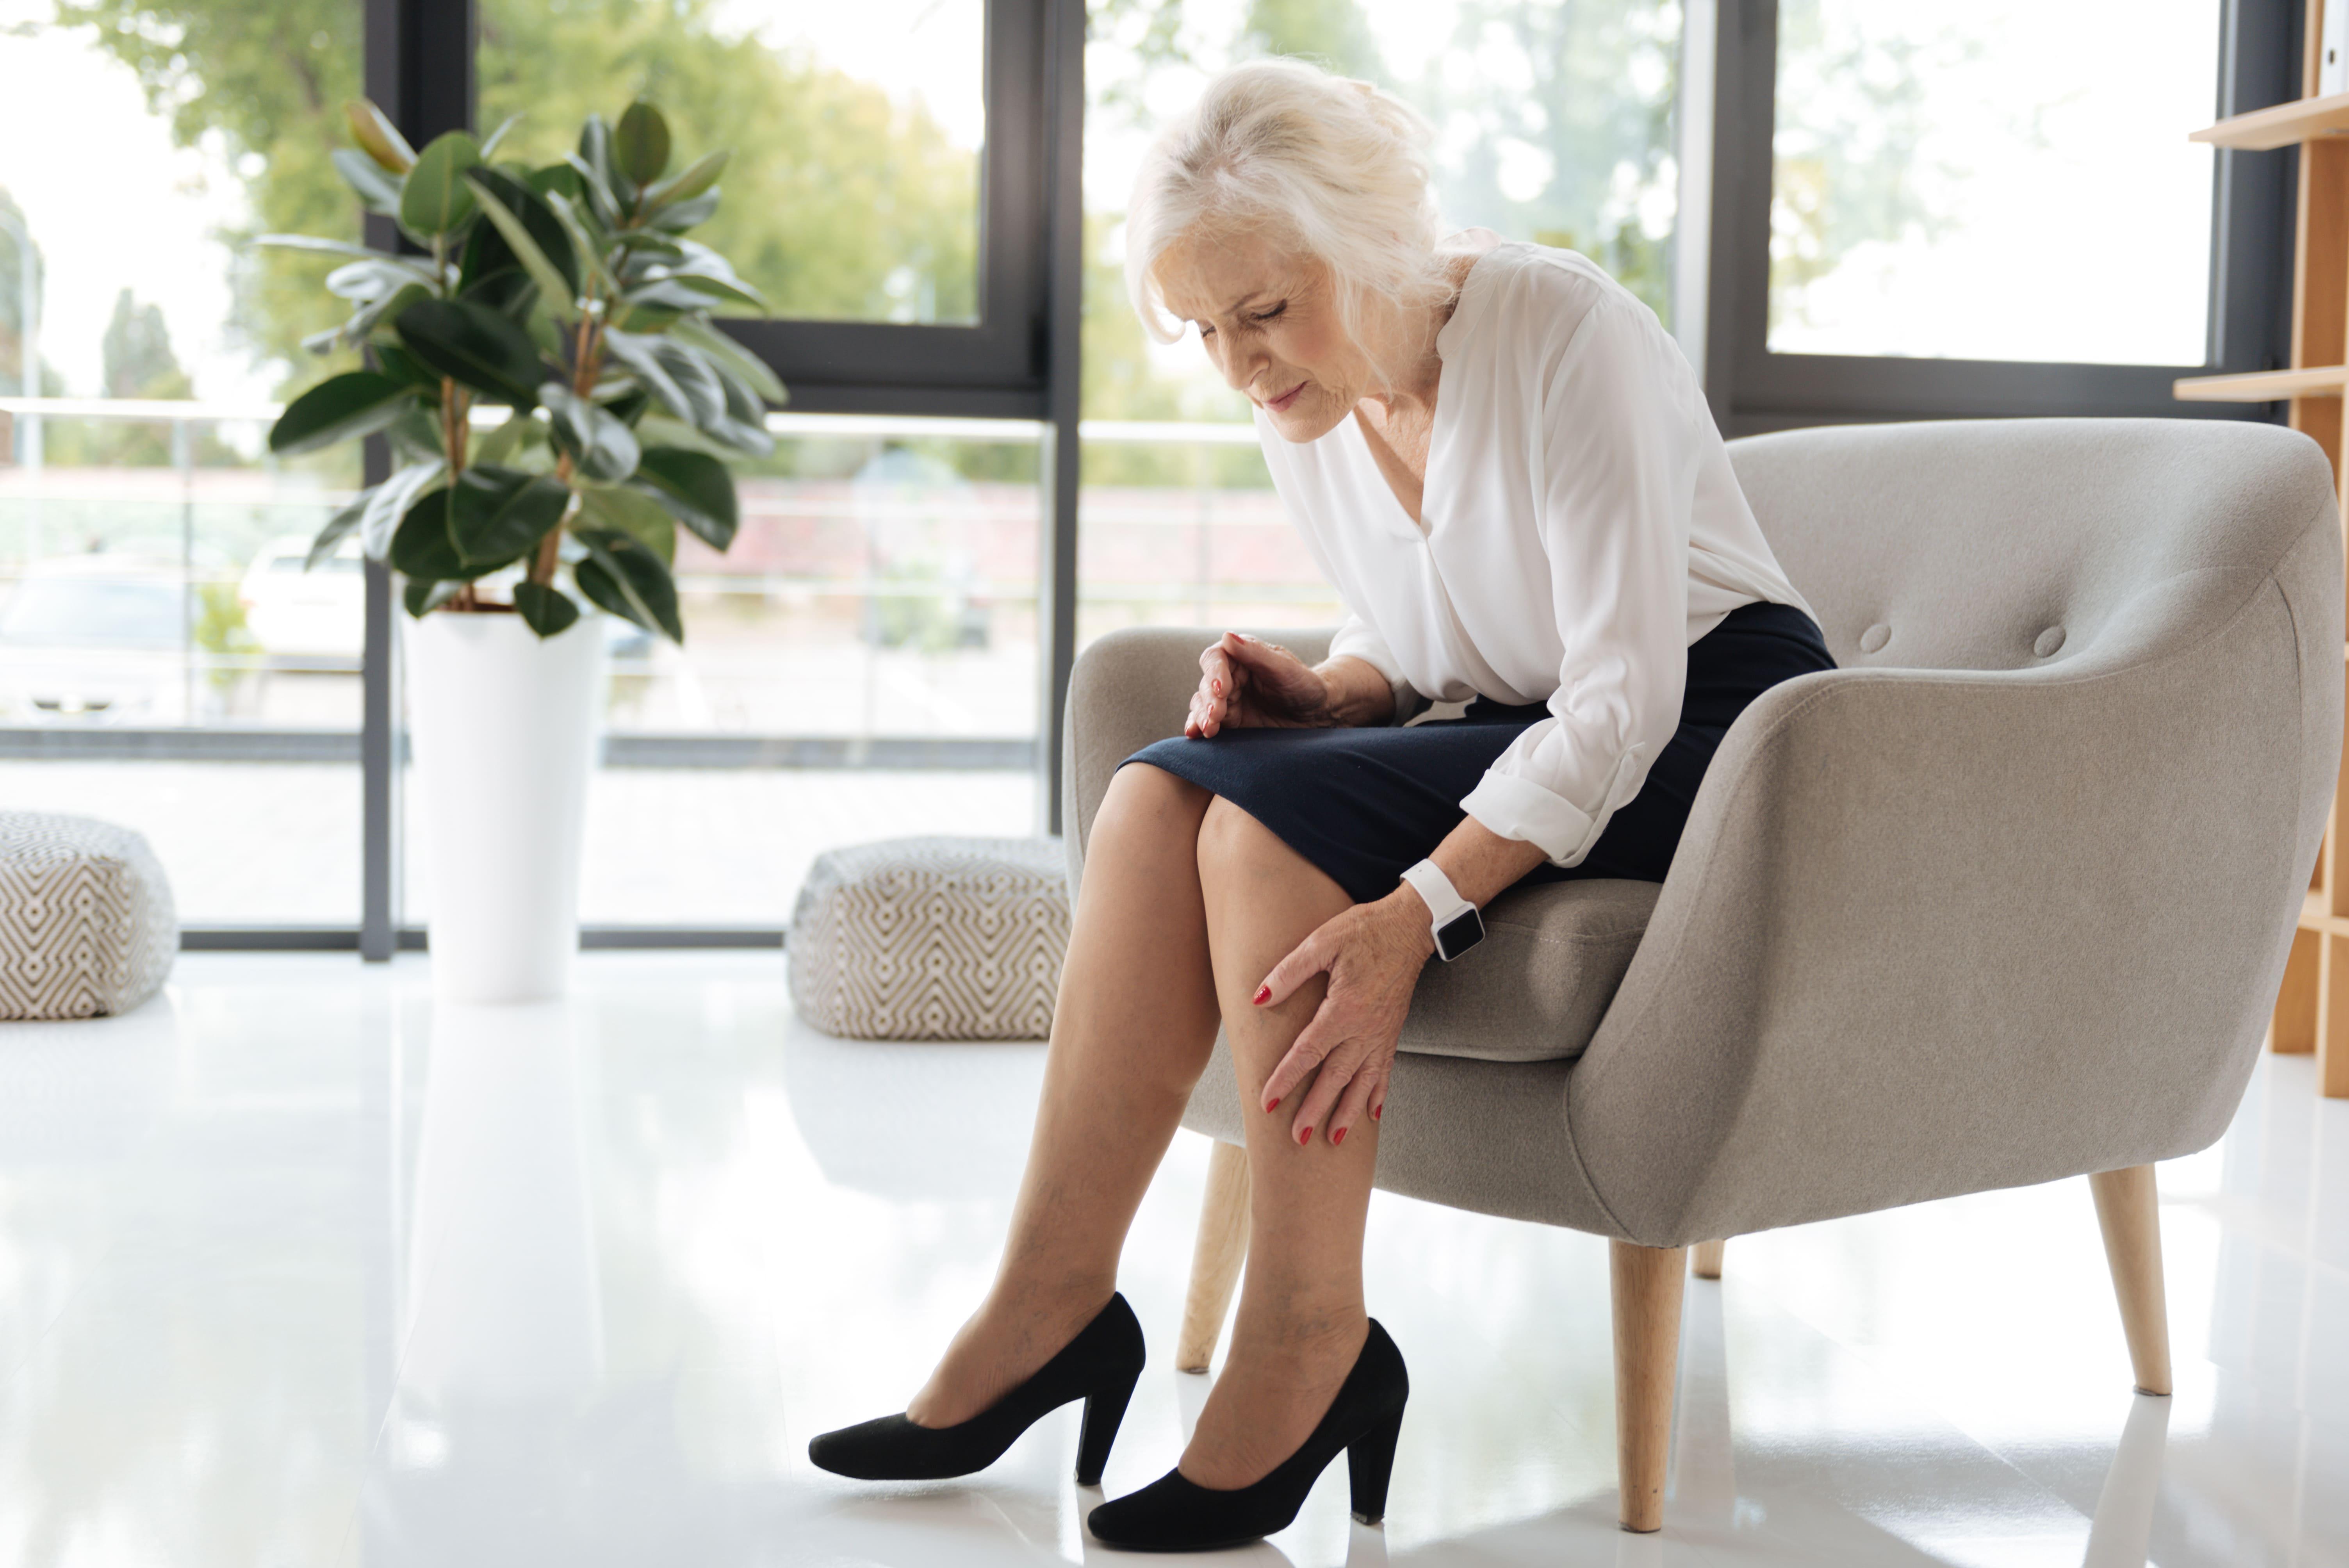 Pies y piernas hinchadas en personas mayores